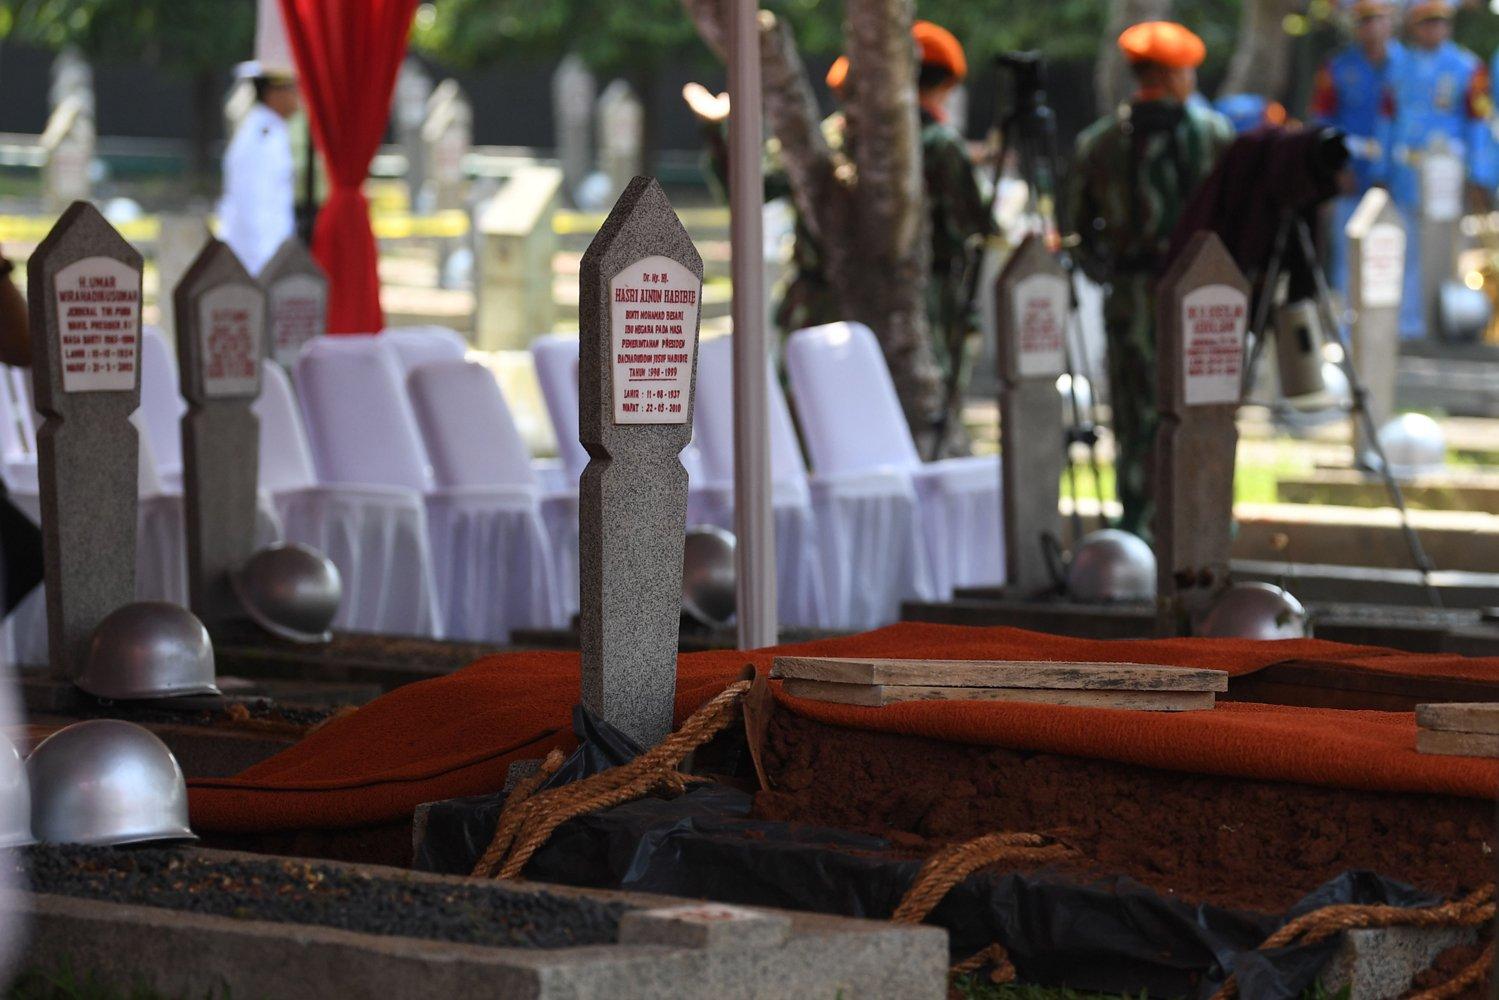 Prajurit TNI berada di dekat liang lahat yang dipersiapkan untuk pemakaman almarhum Presiden ke-3 Republik Indonesia BJ Habibie di Taman Makam Pahlawan Nasional Utama (TMPU) Kalibata, Jakarta, Kamis (12/9/2019).